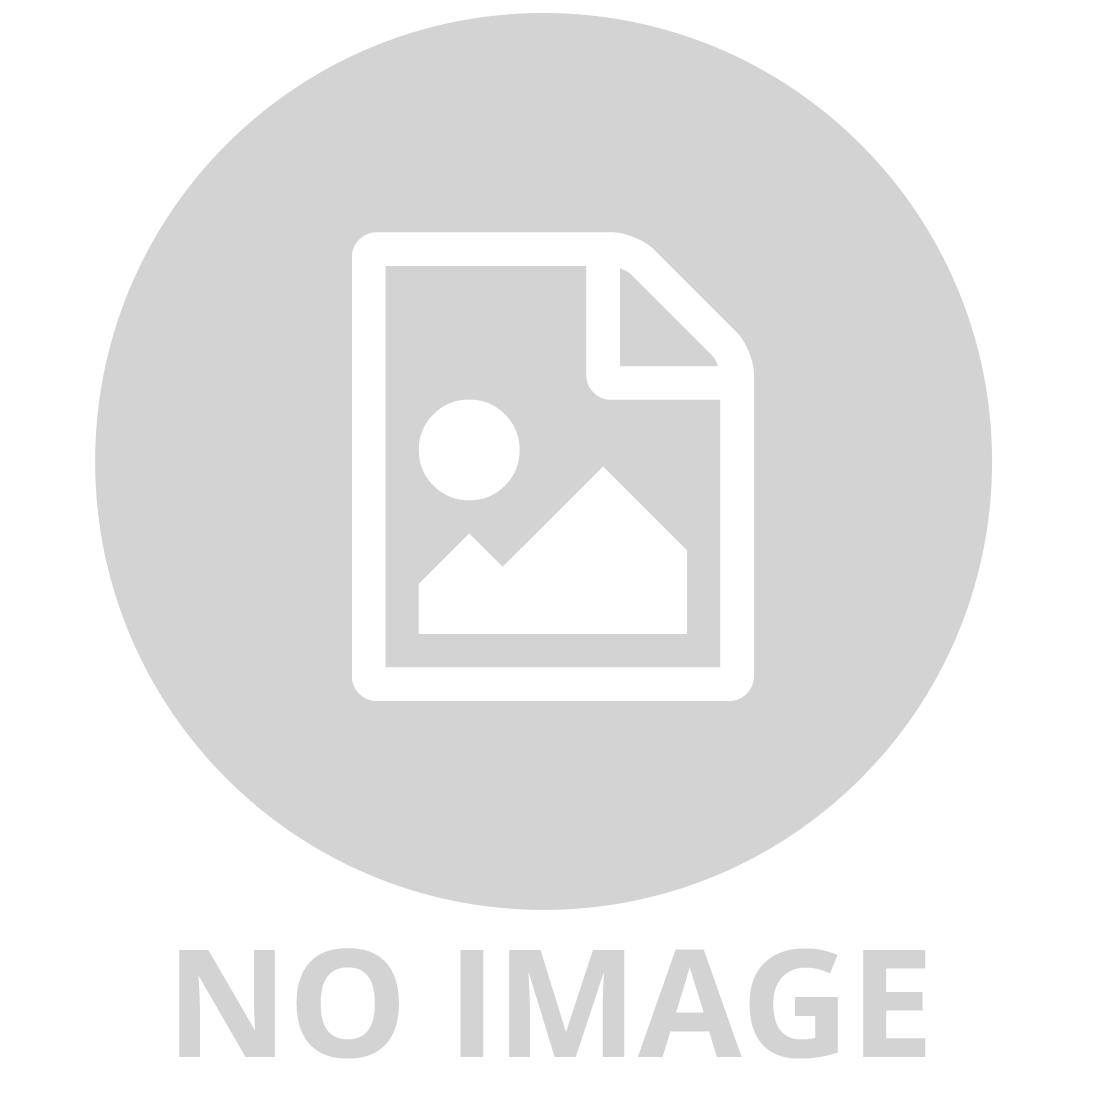 LEGO STAR WARS DARTH VADER TRANSFORMATION